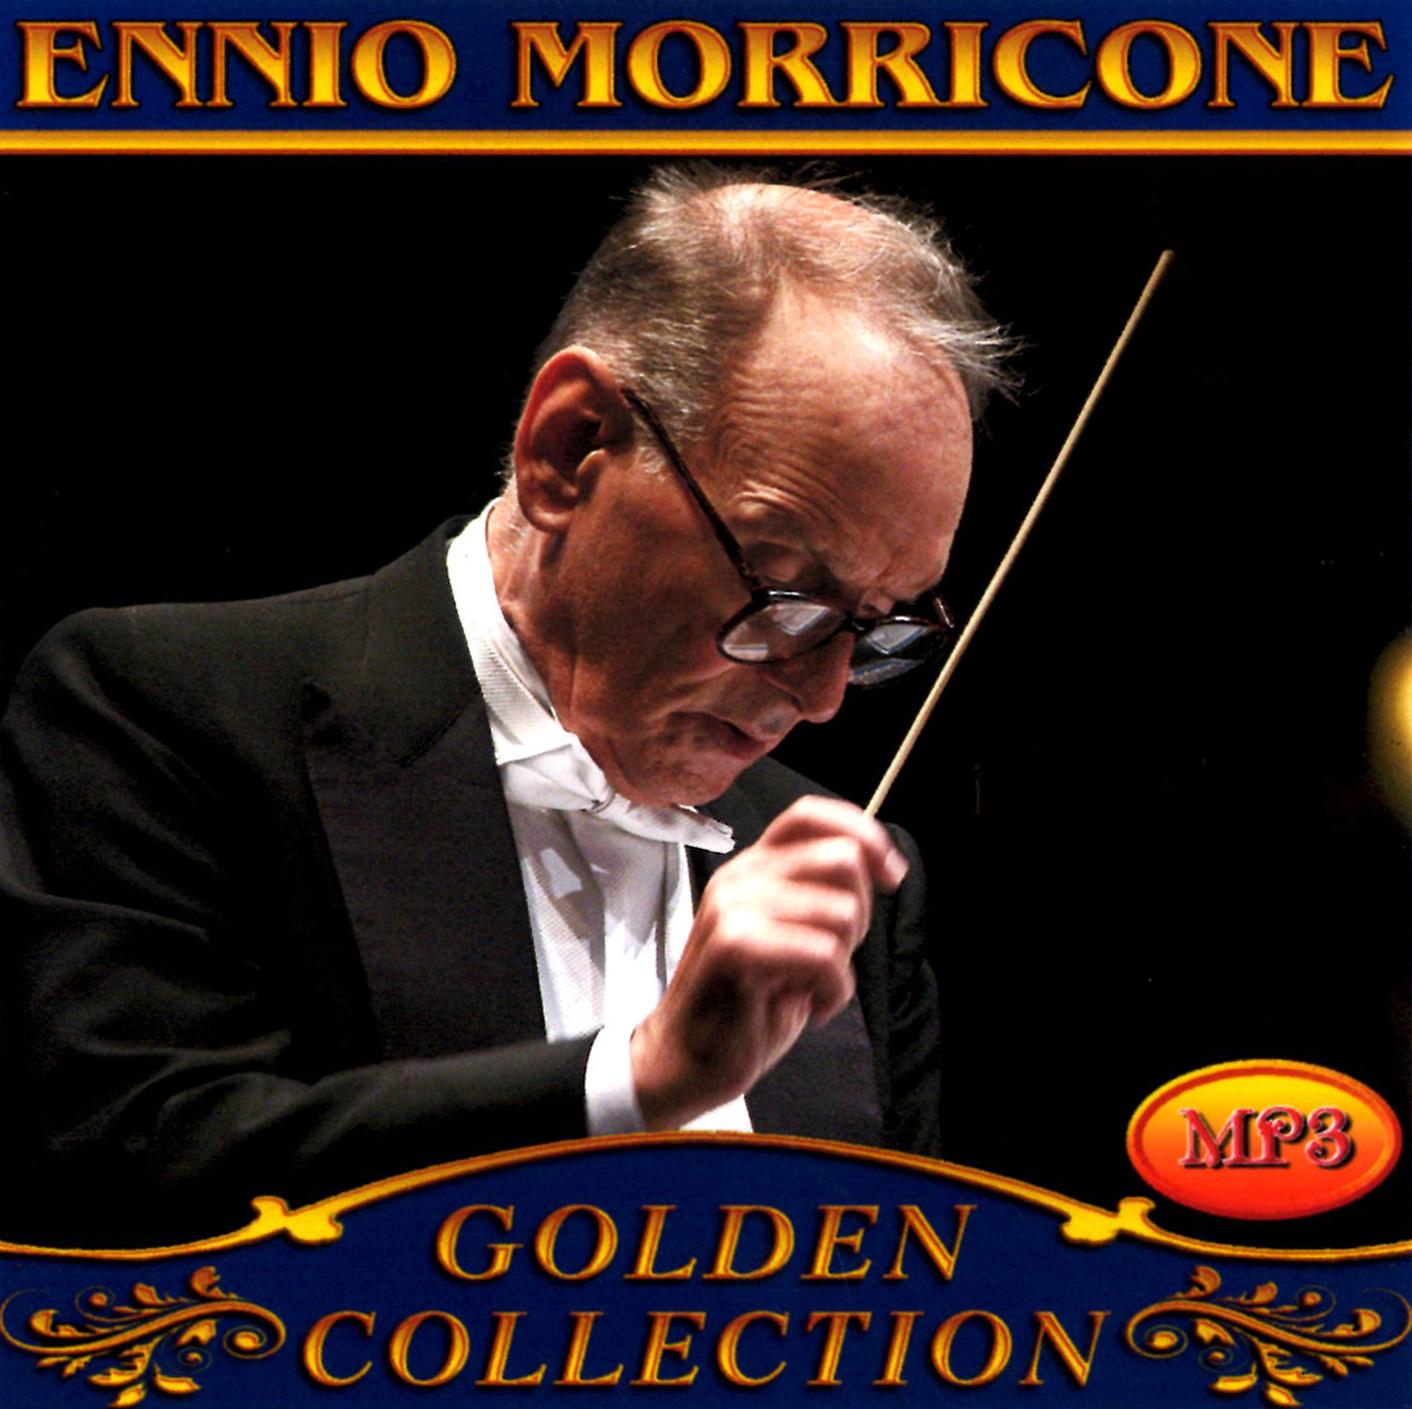 Ennio Morricone [mp3]